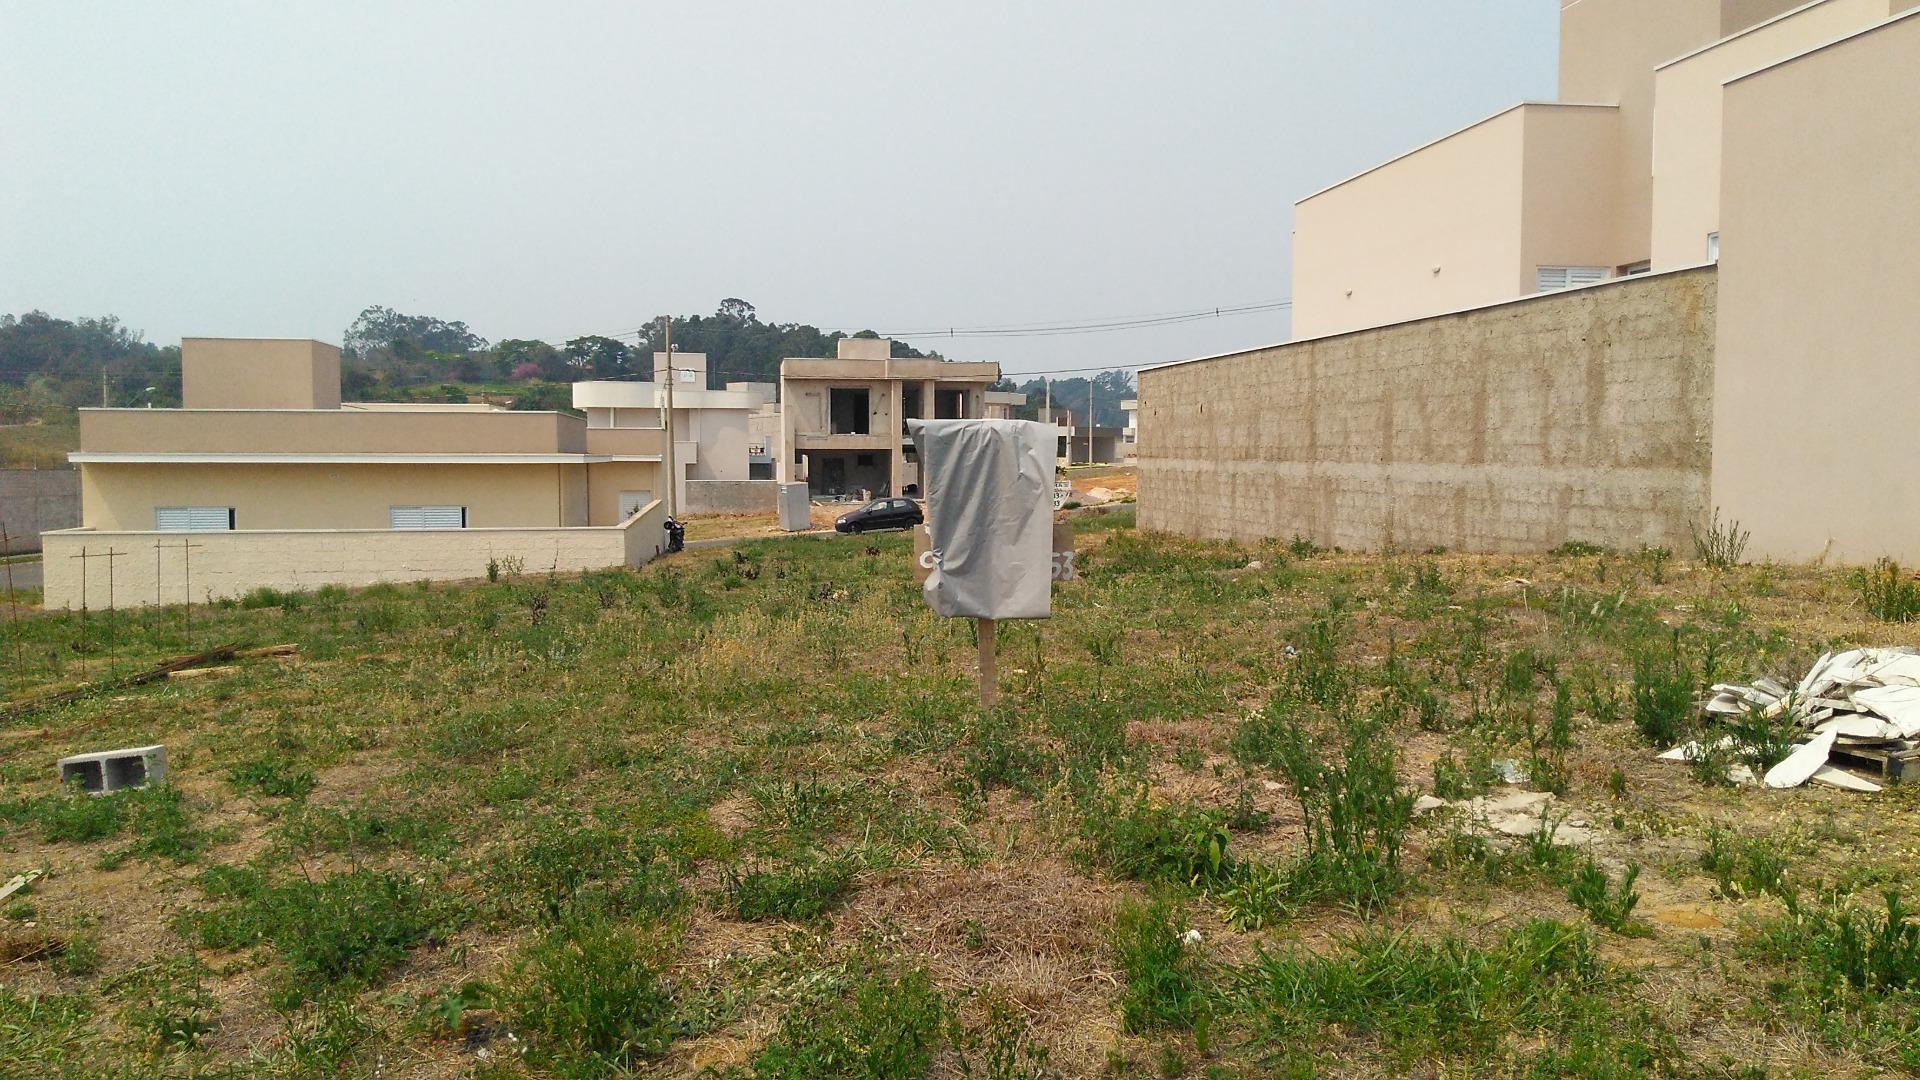 Terreno à venda, No condomínio Vu 386 m² por R$ 260.000 - Jardim São Marcos - Valinhos/SP